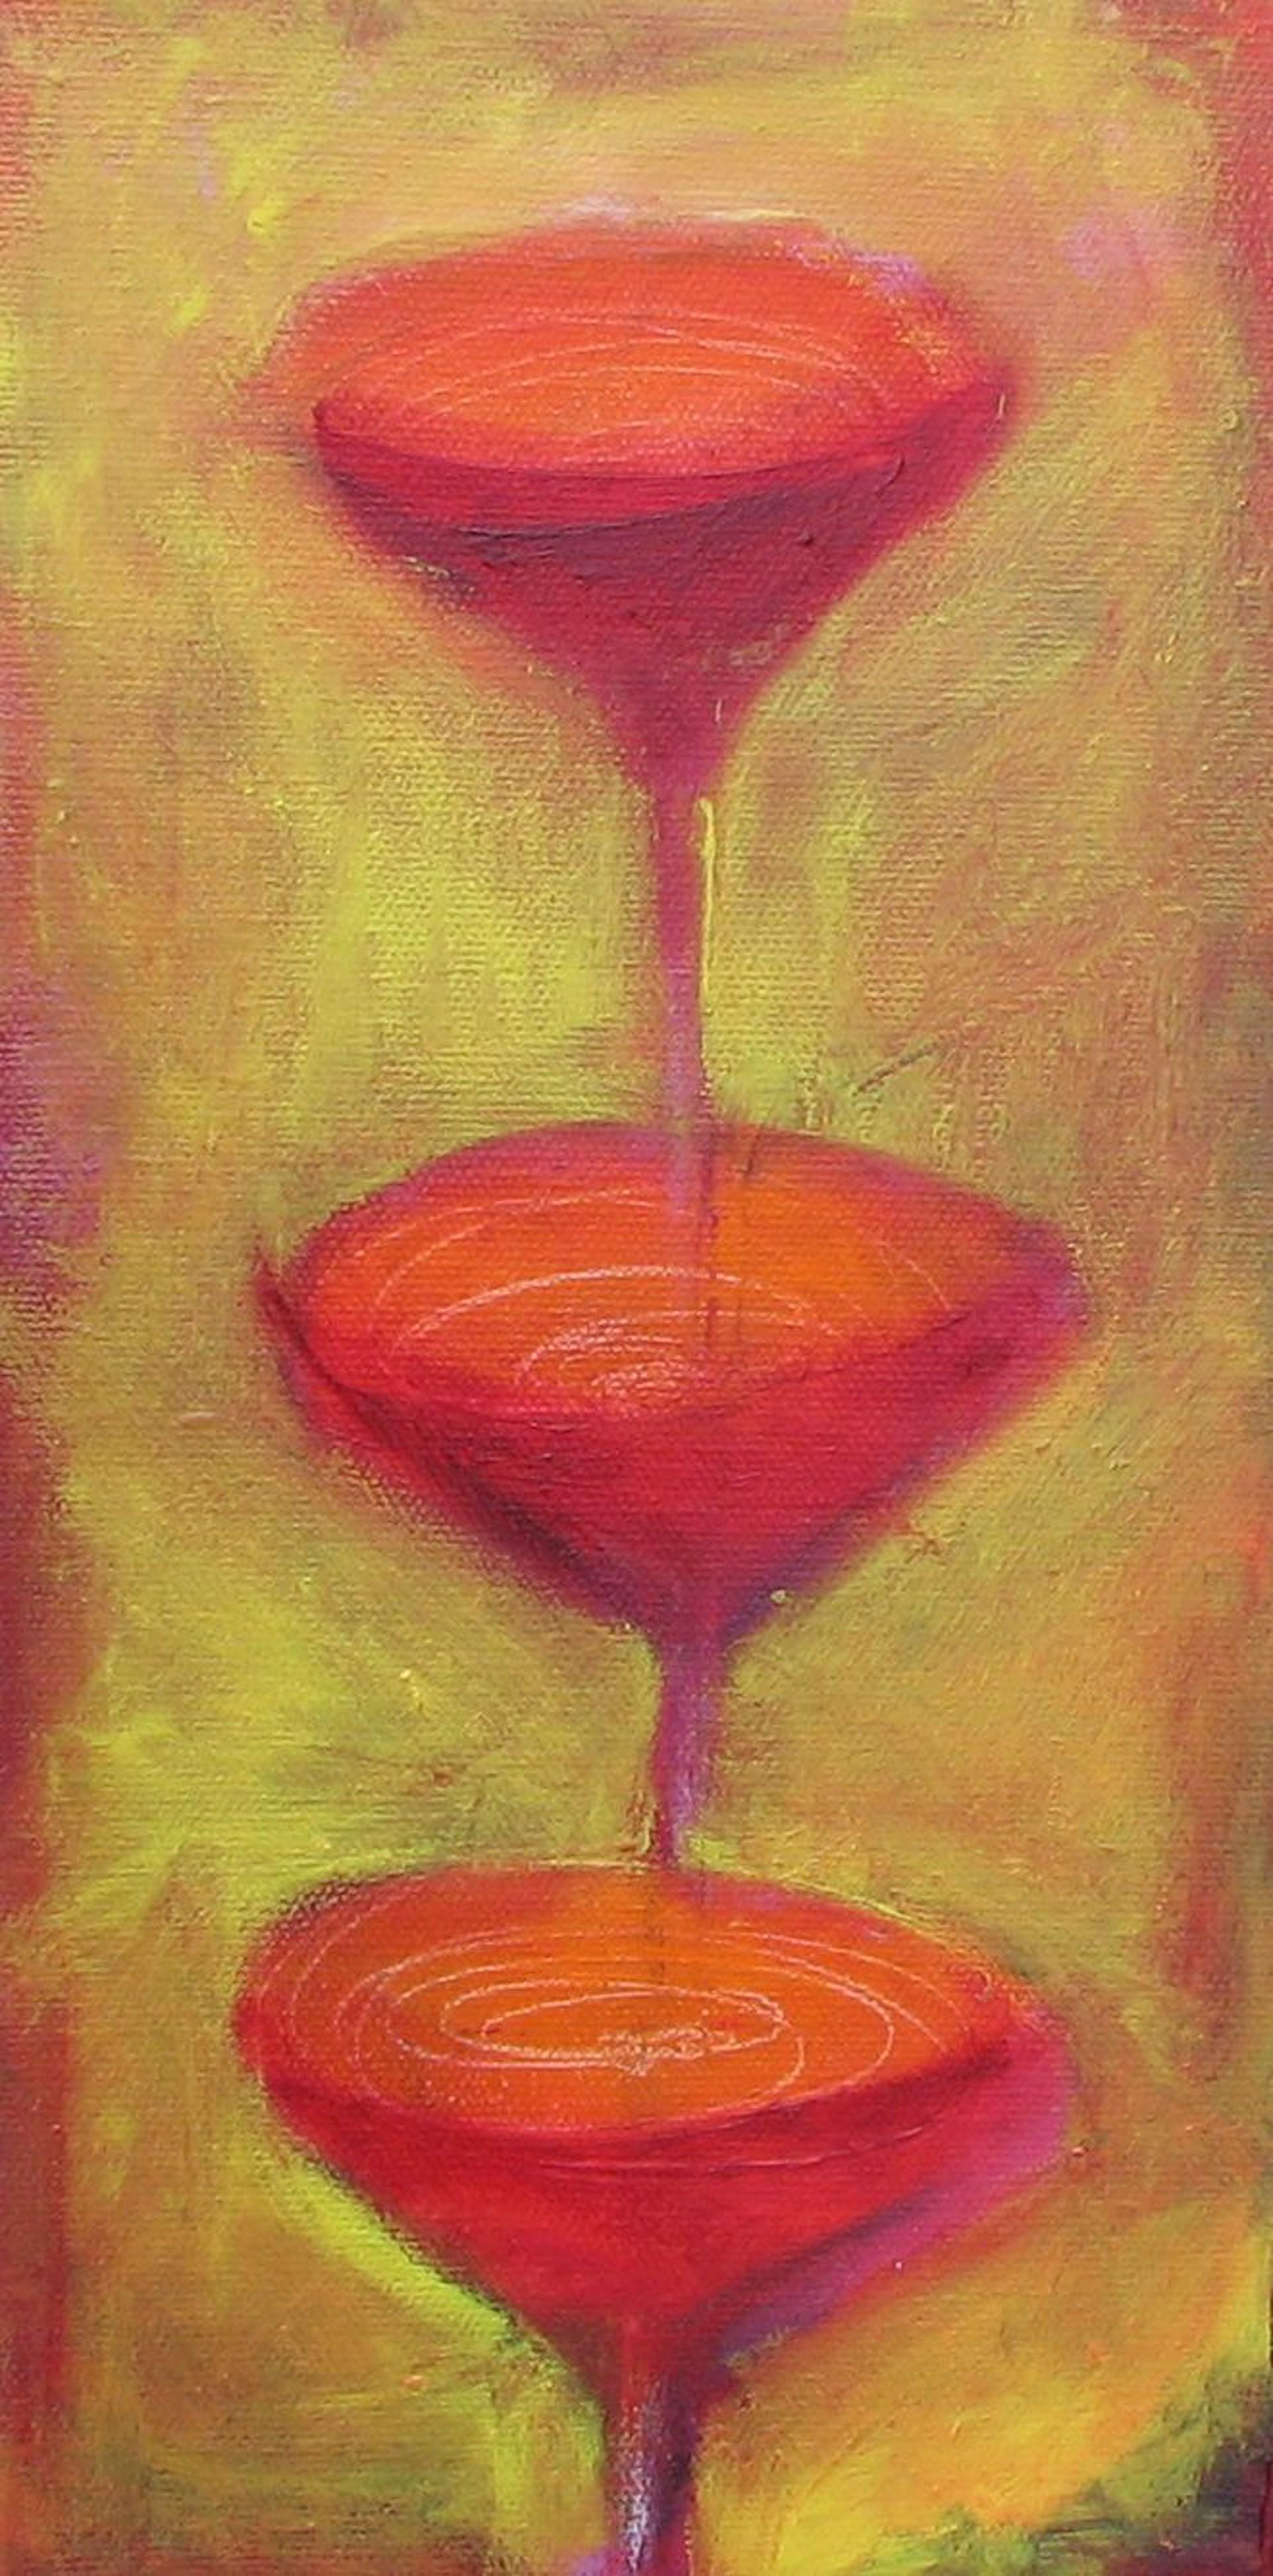 Sense viii by Stacey Skold